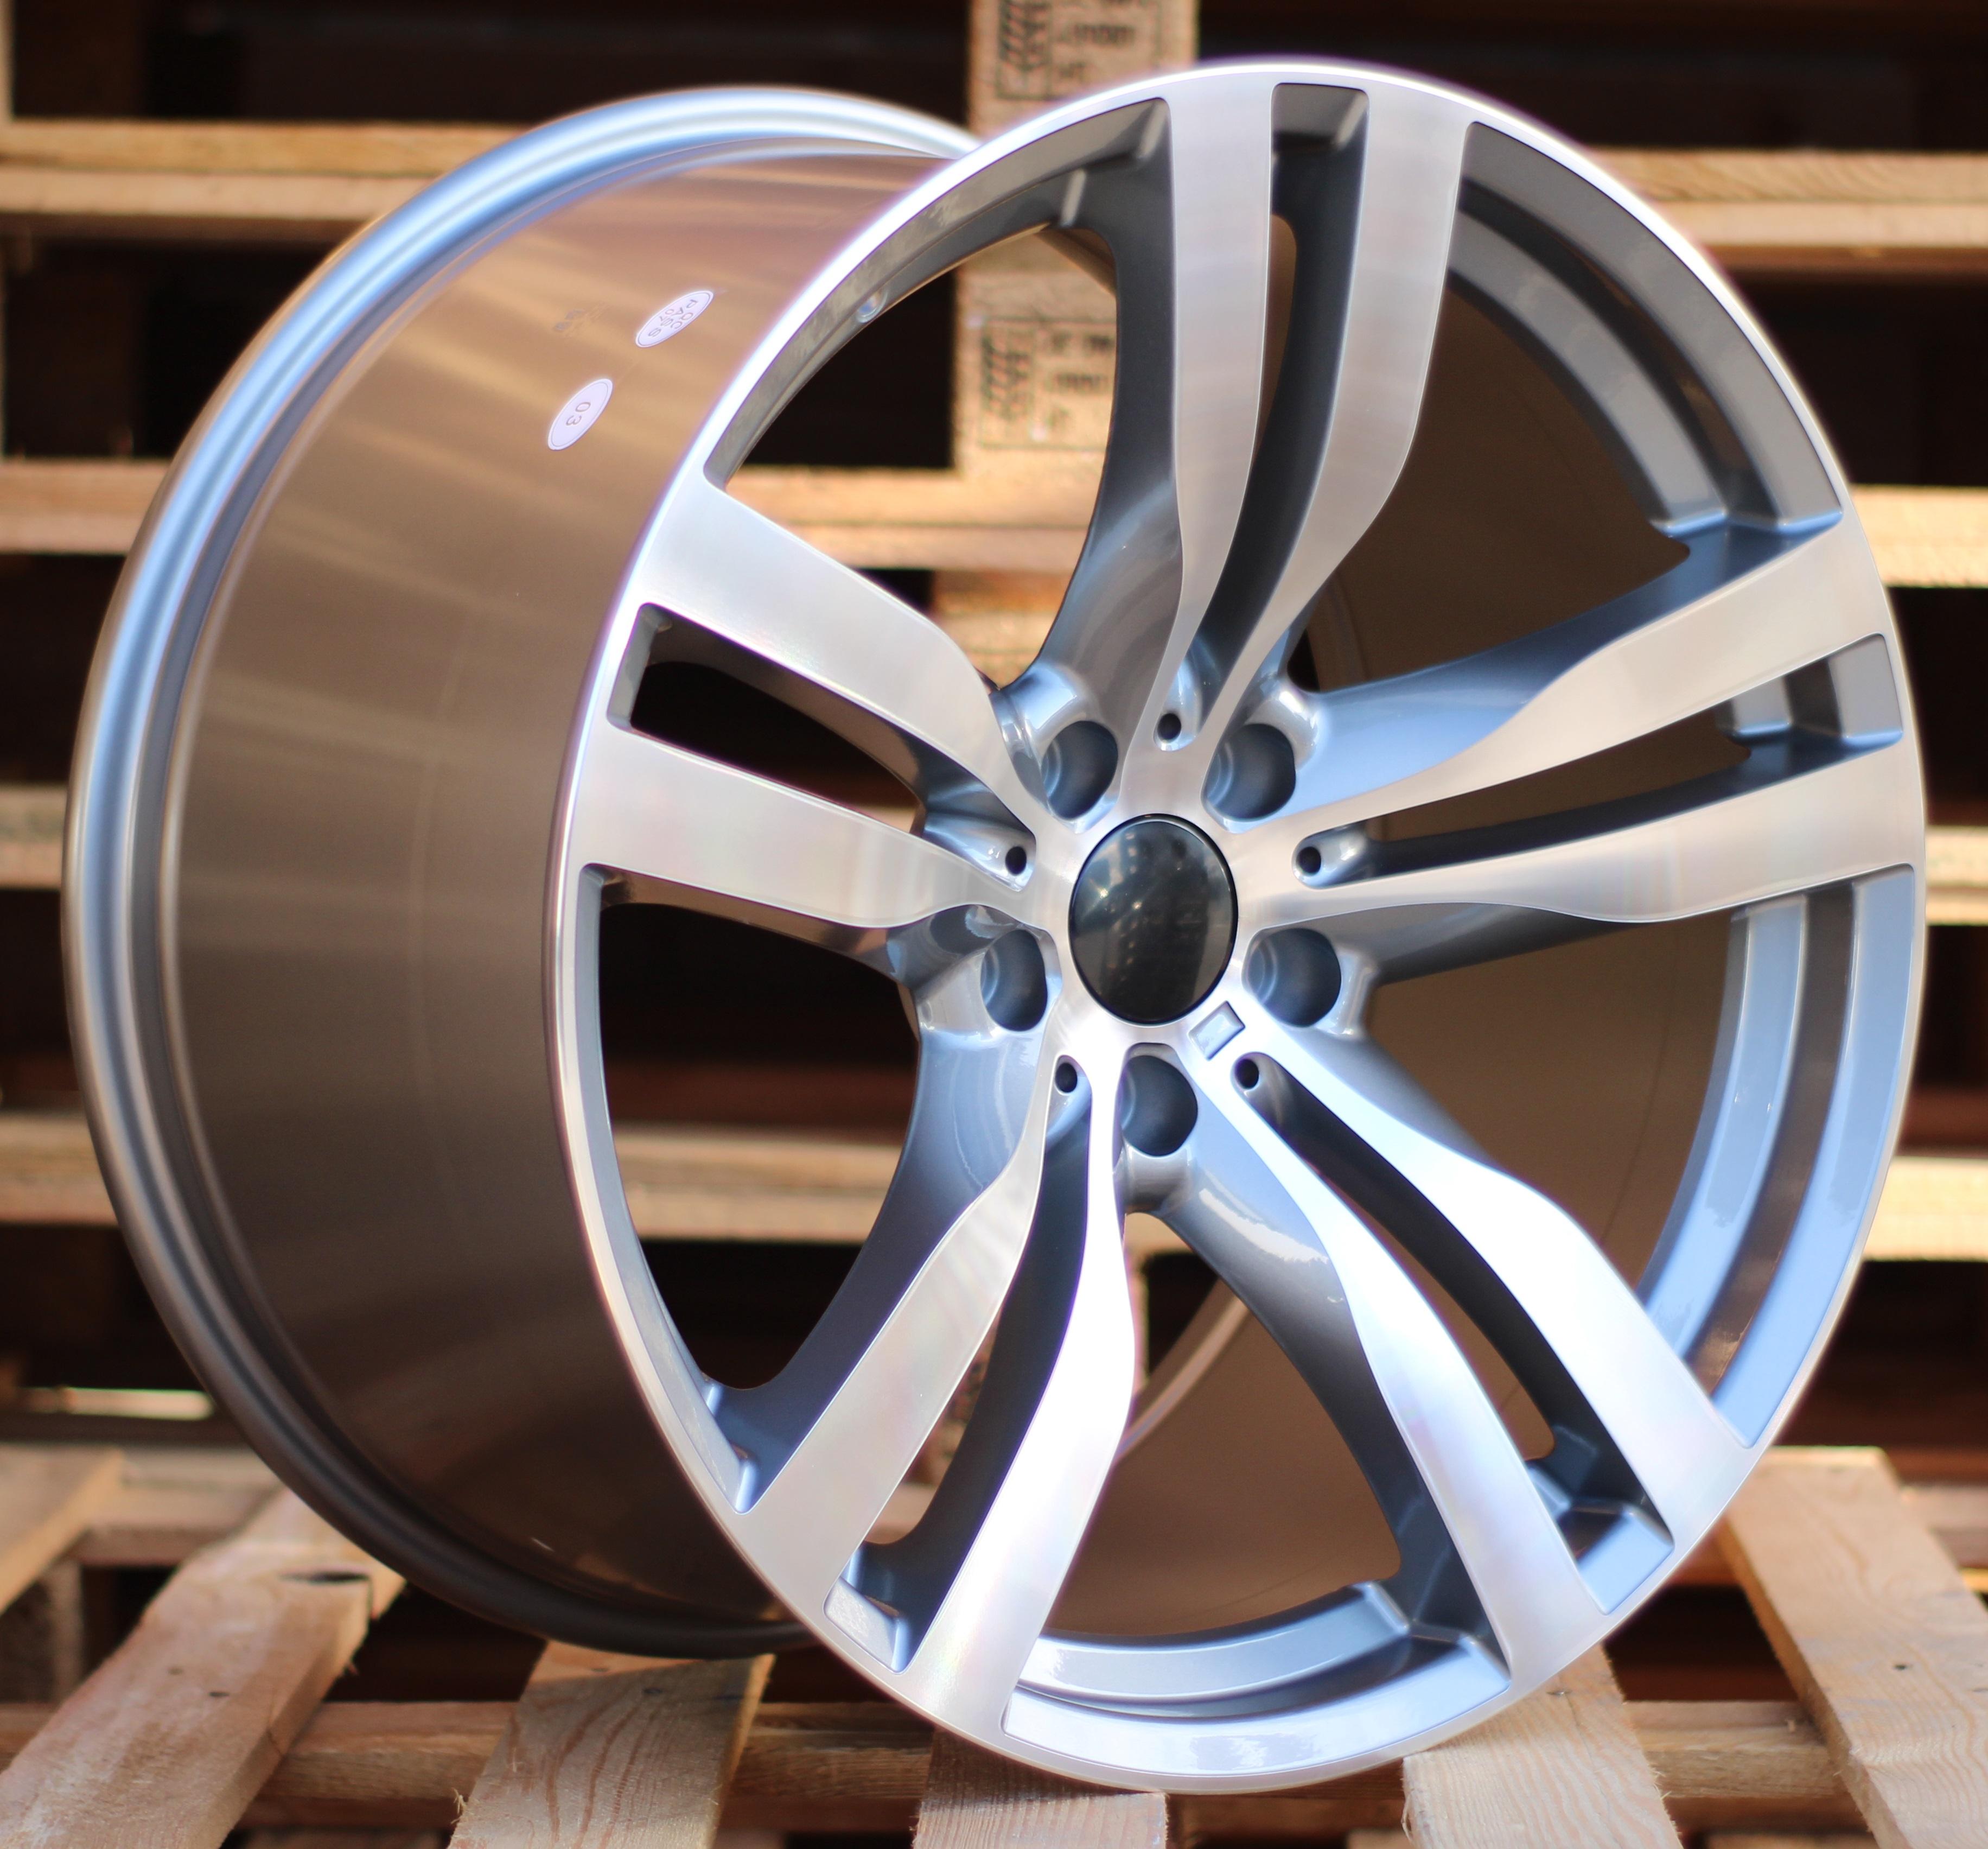 B20X11 5X120 ET37 74.1 HE5175 MG (Rear+Front) RWR BM (K1) 11x20 ET37 5x120